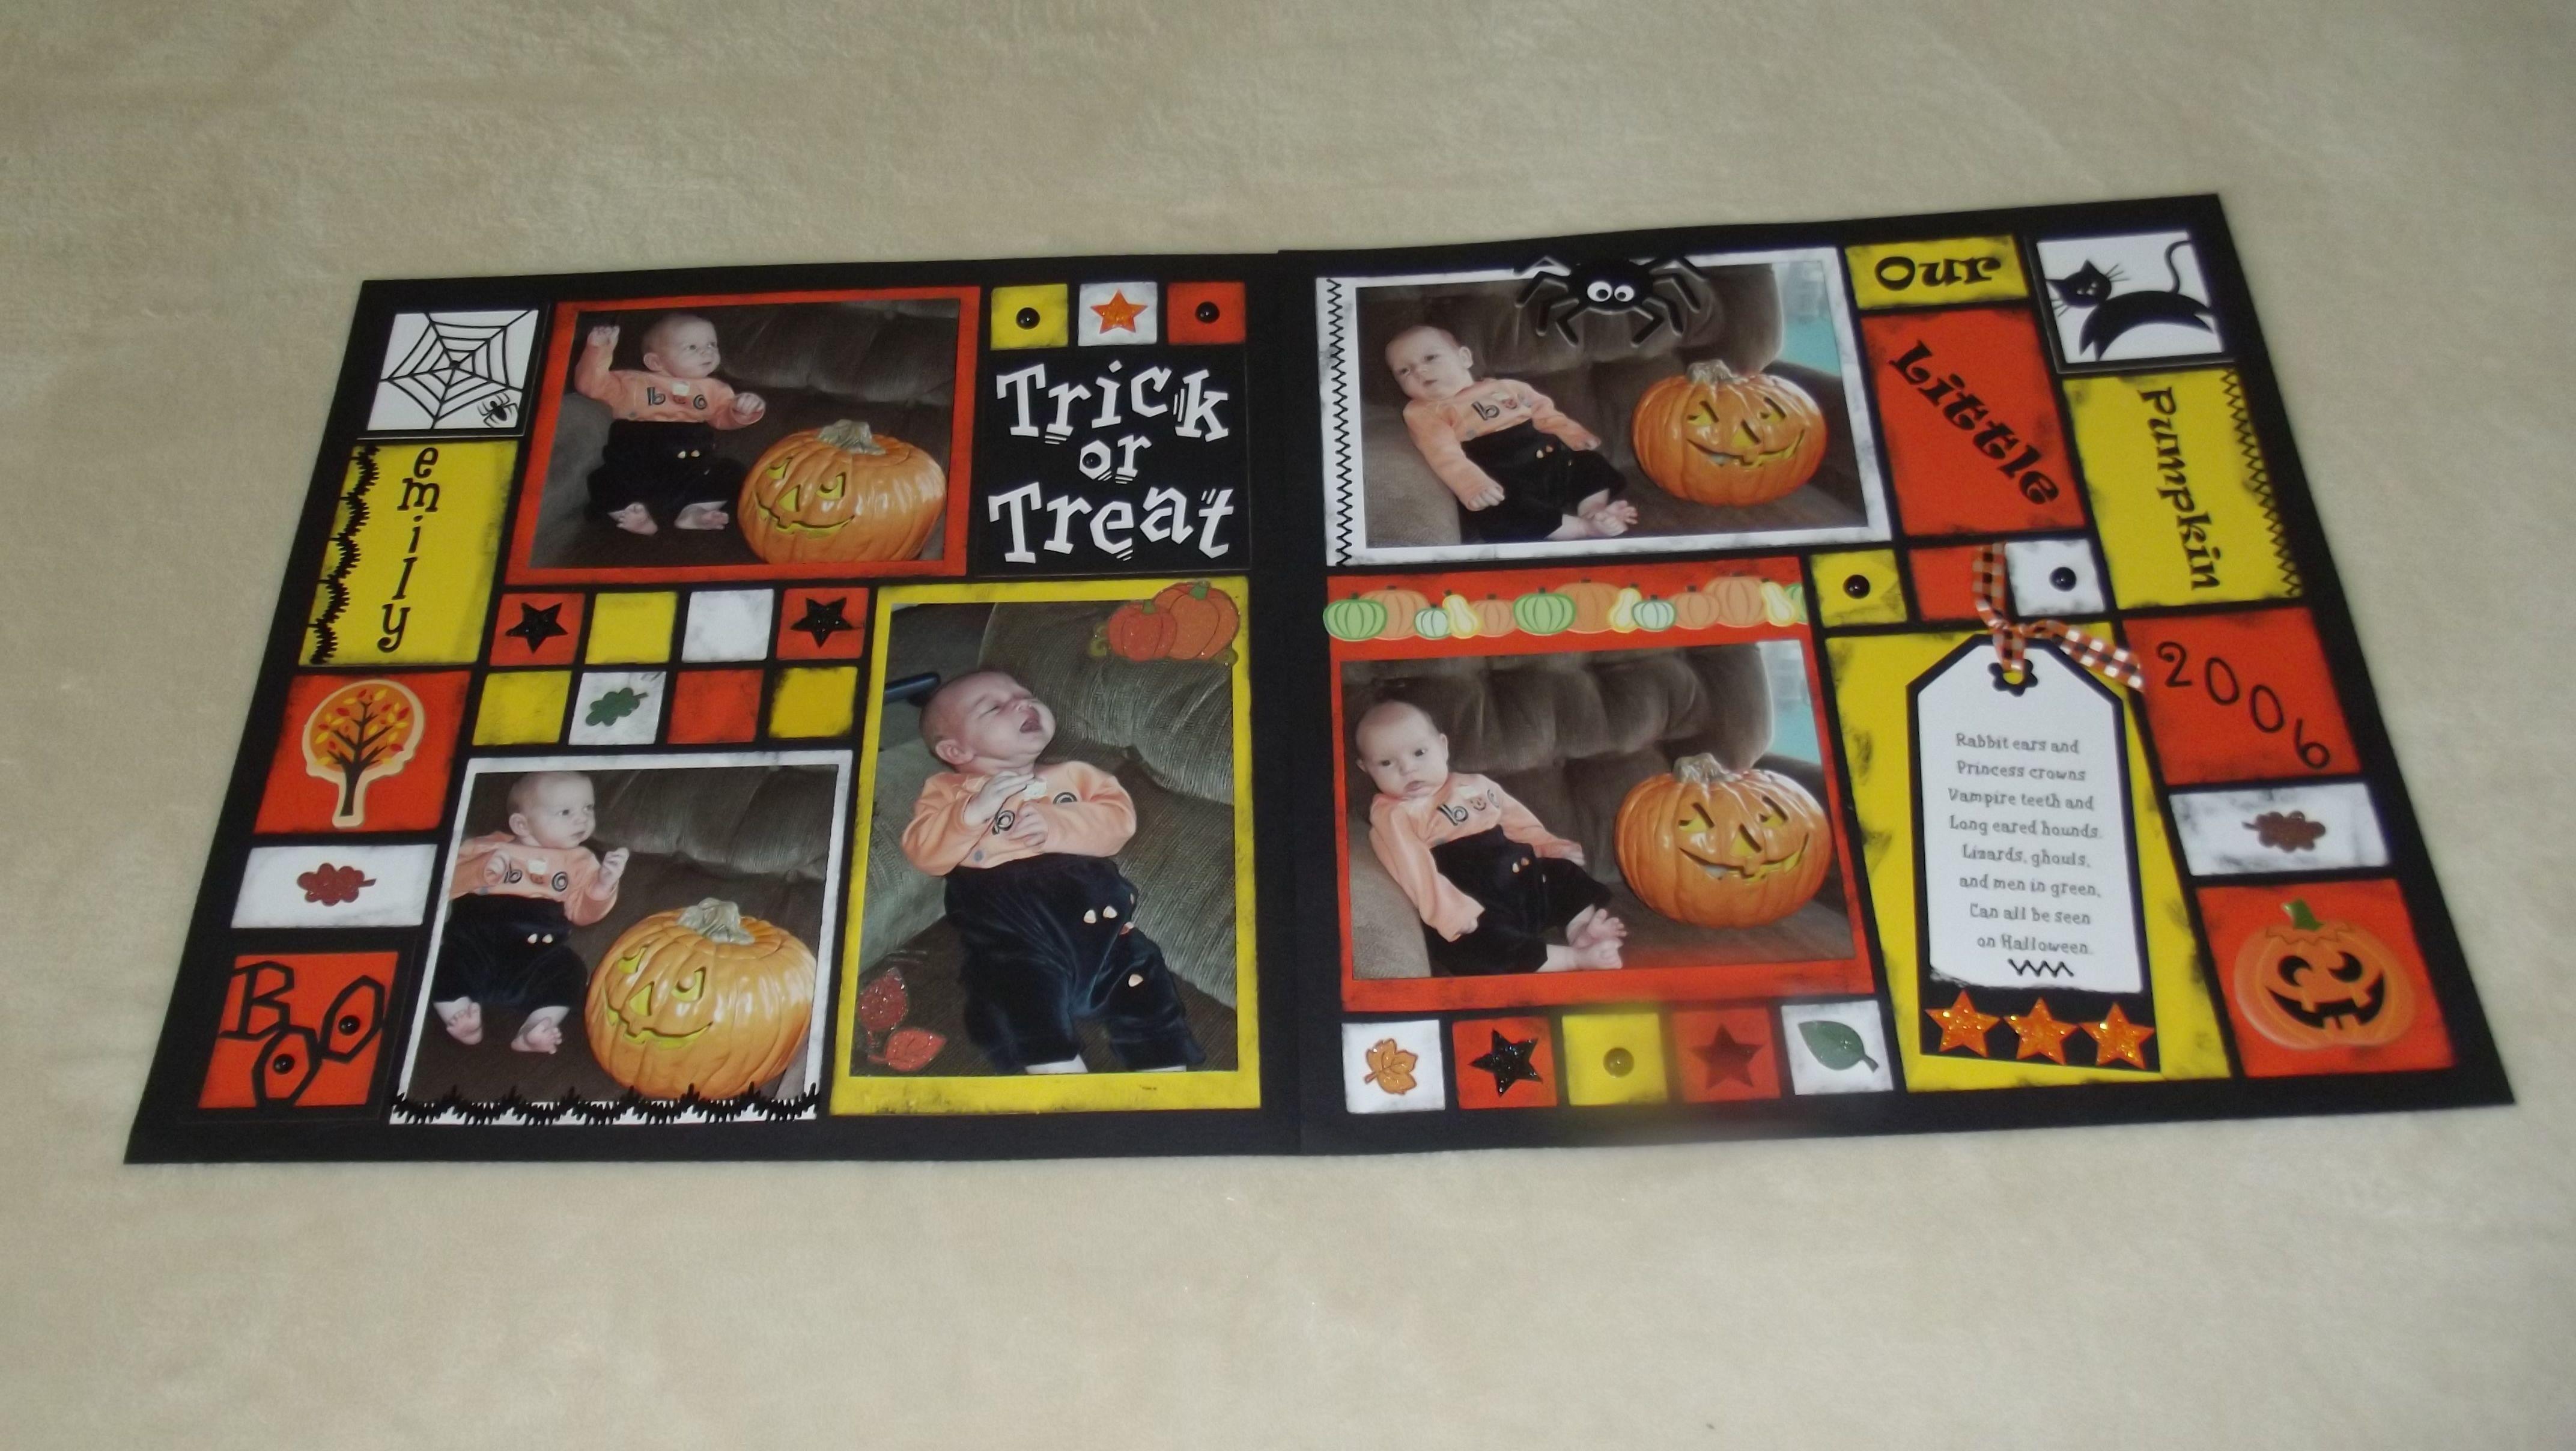 Our little pumpkin trick or treat little pumpkin